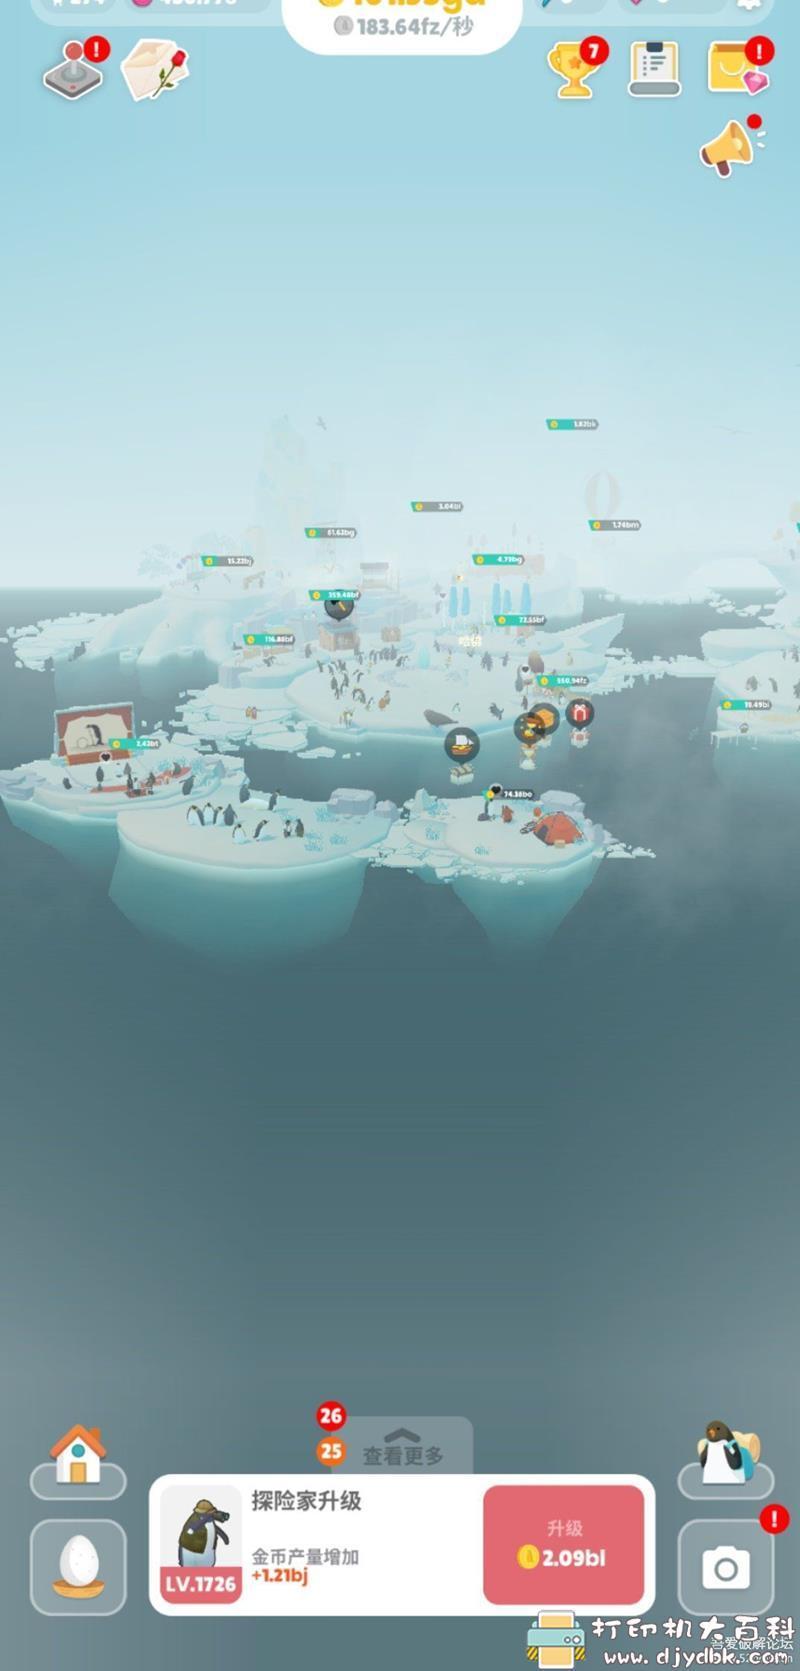 安卓游戏分享:企鹅岛Mod V1.31.4 无限钻石 金币 bug 配图 No.1